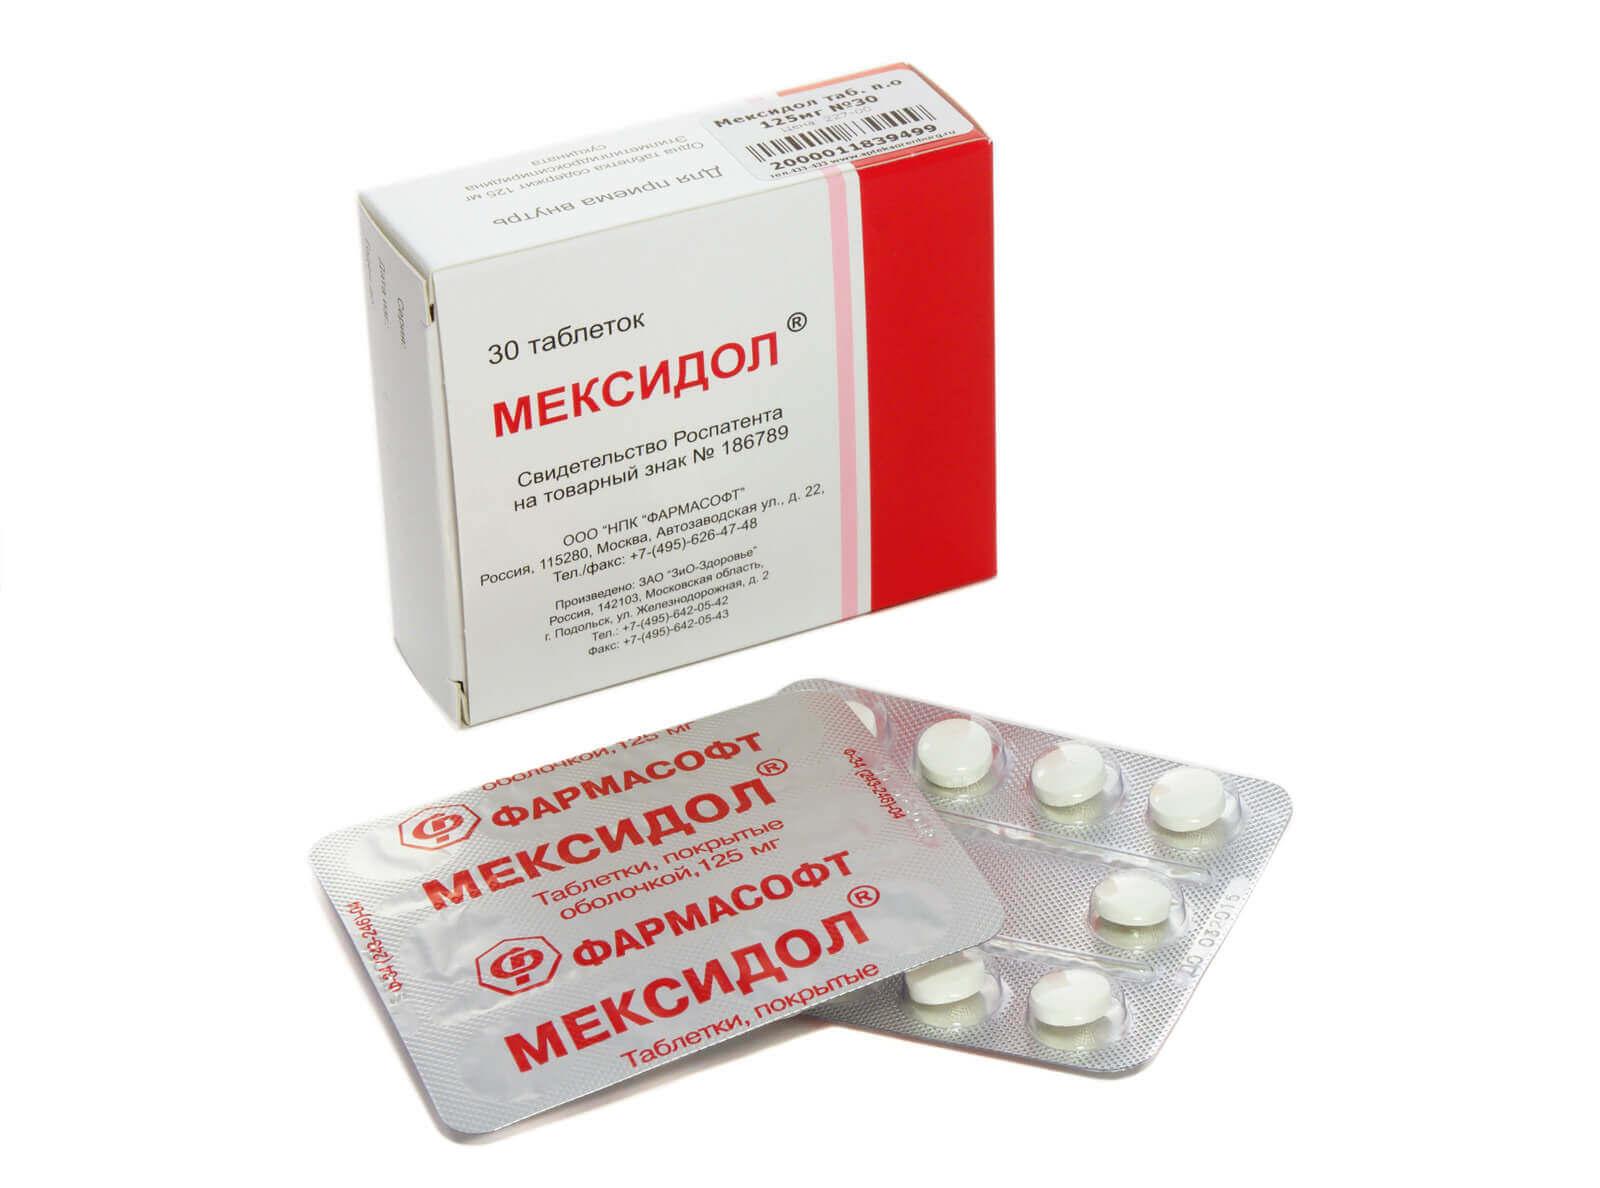 Мексидол: инструкция по применению таблеток